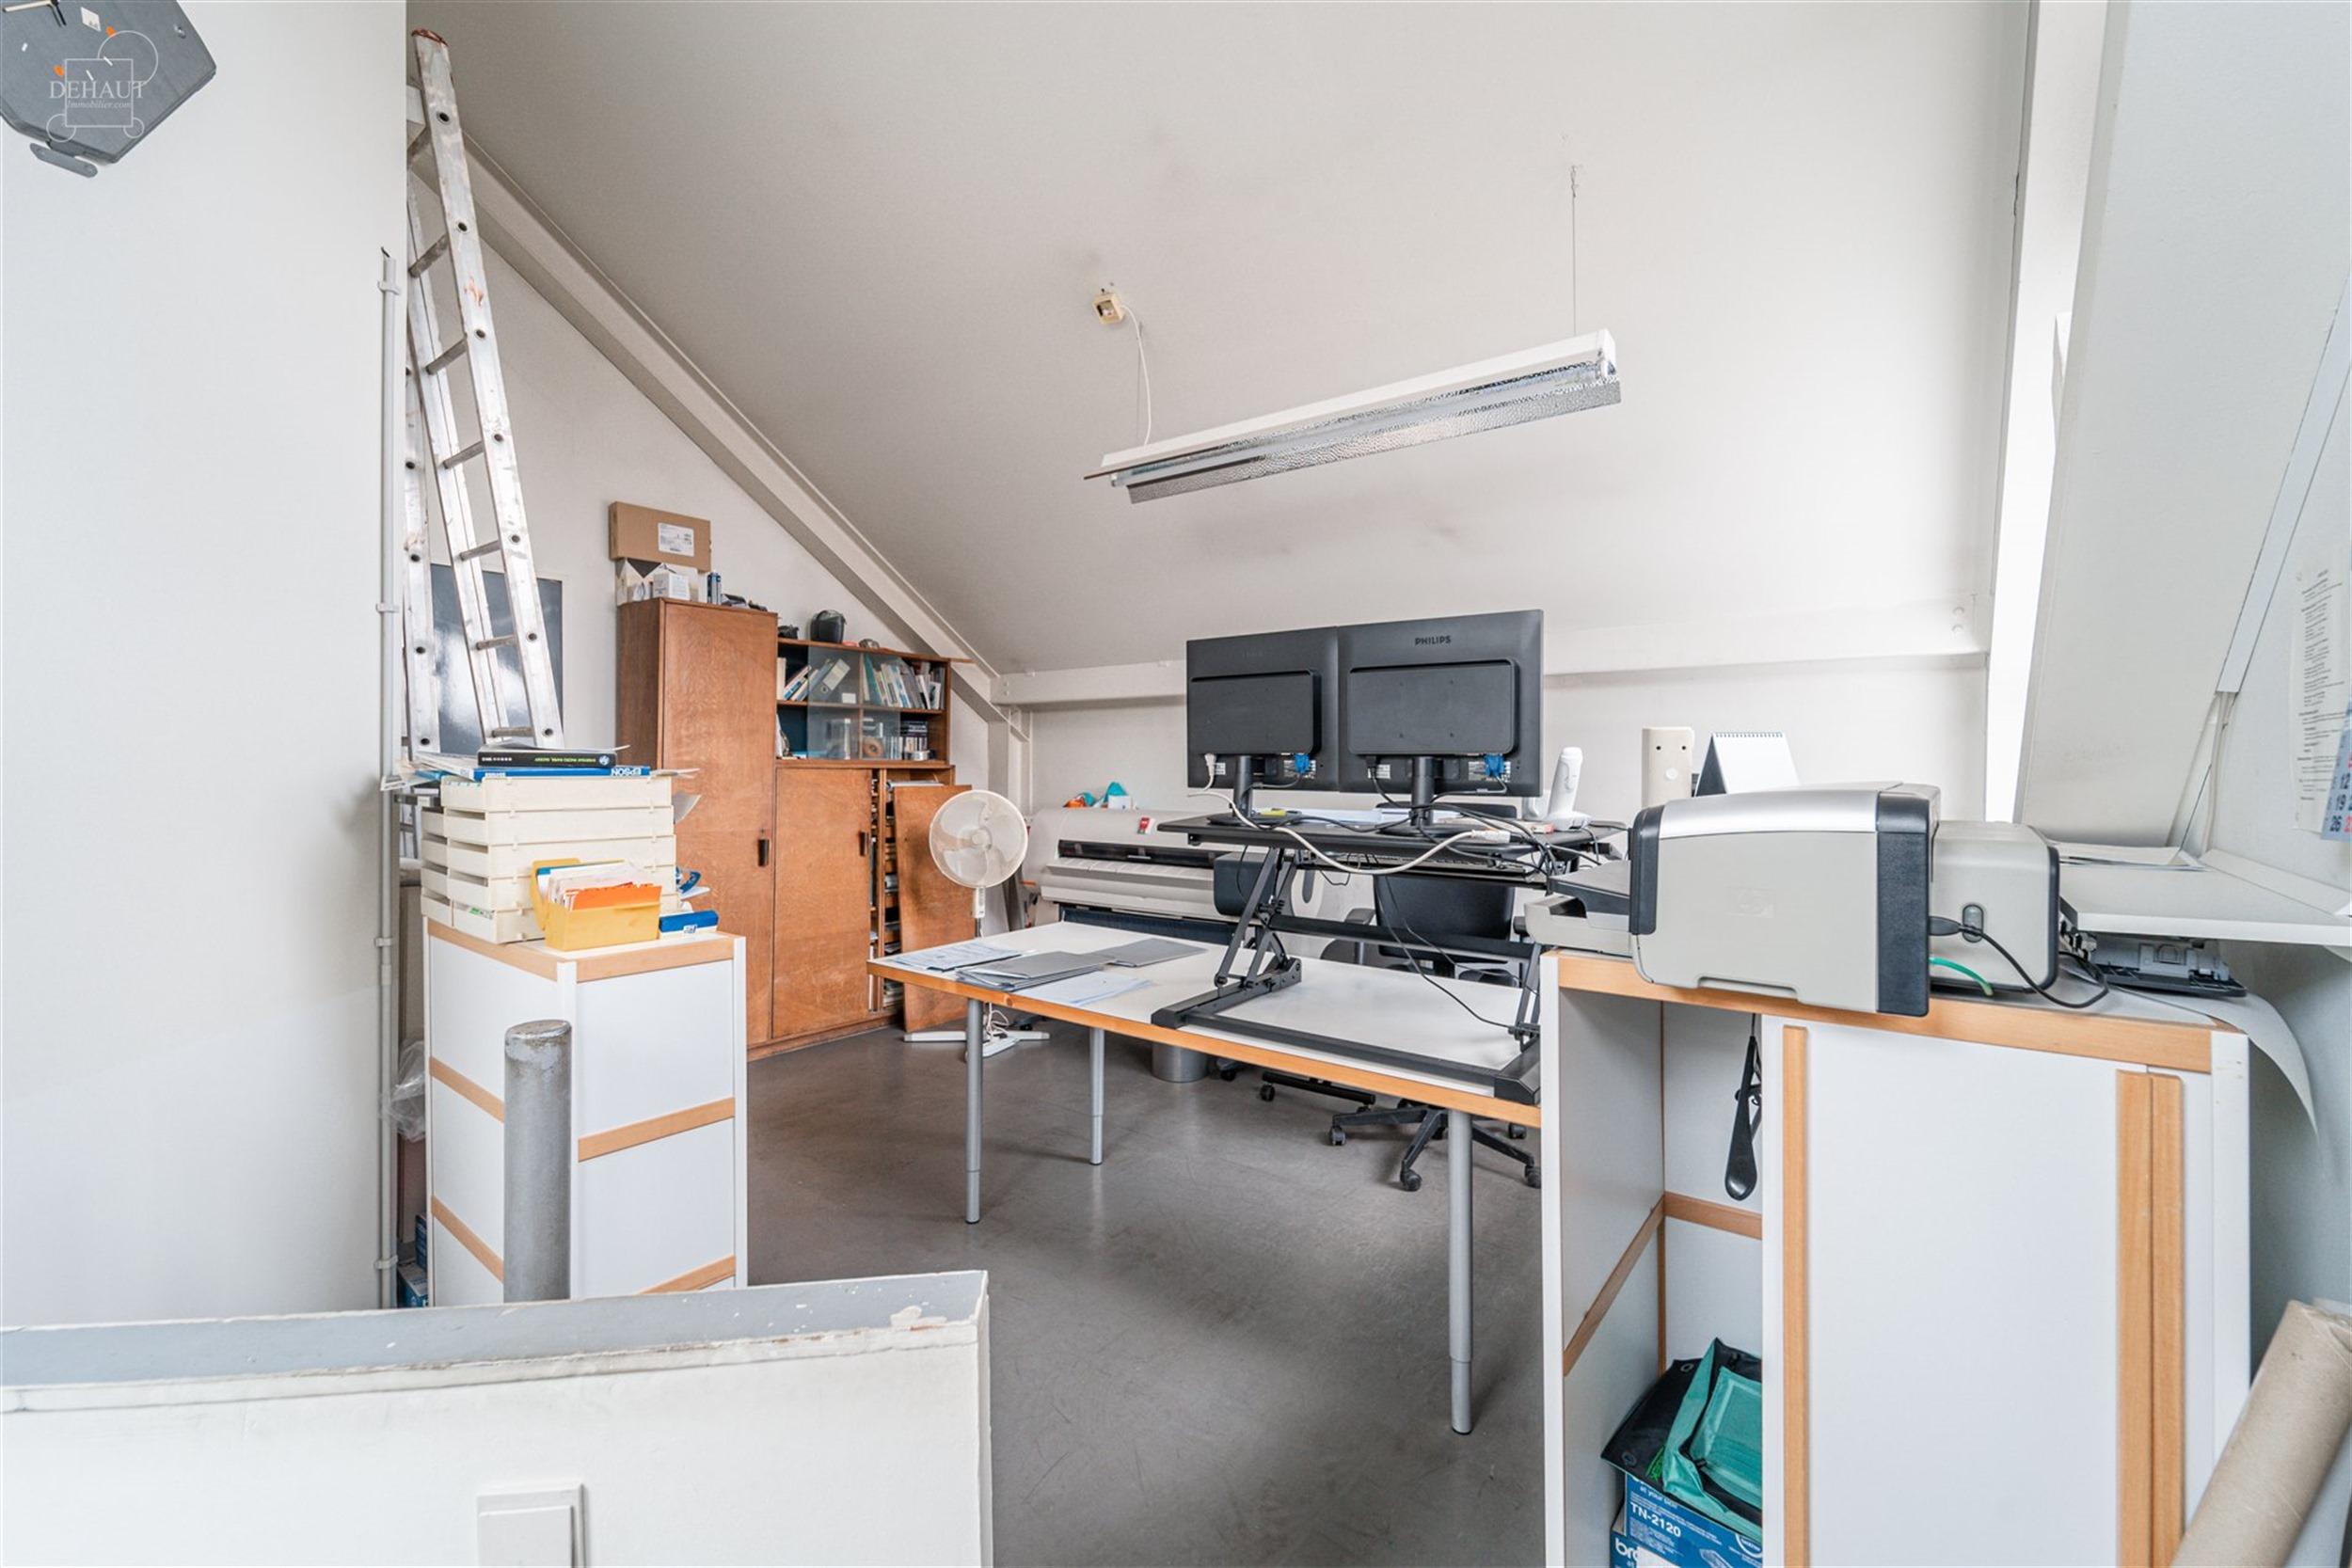 Bureau/local en duplex d'env. 94.70m² au 1er étage et 2ème étage d'un immeuble situé en plein centre-ville de Comines.  Actuellement décomposé...